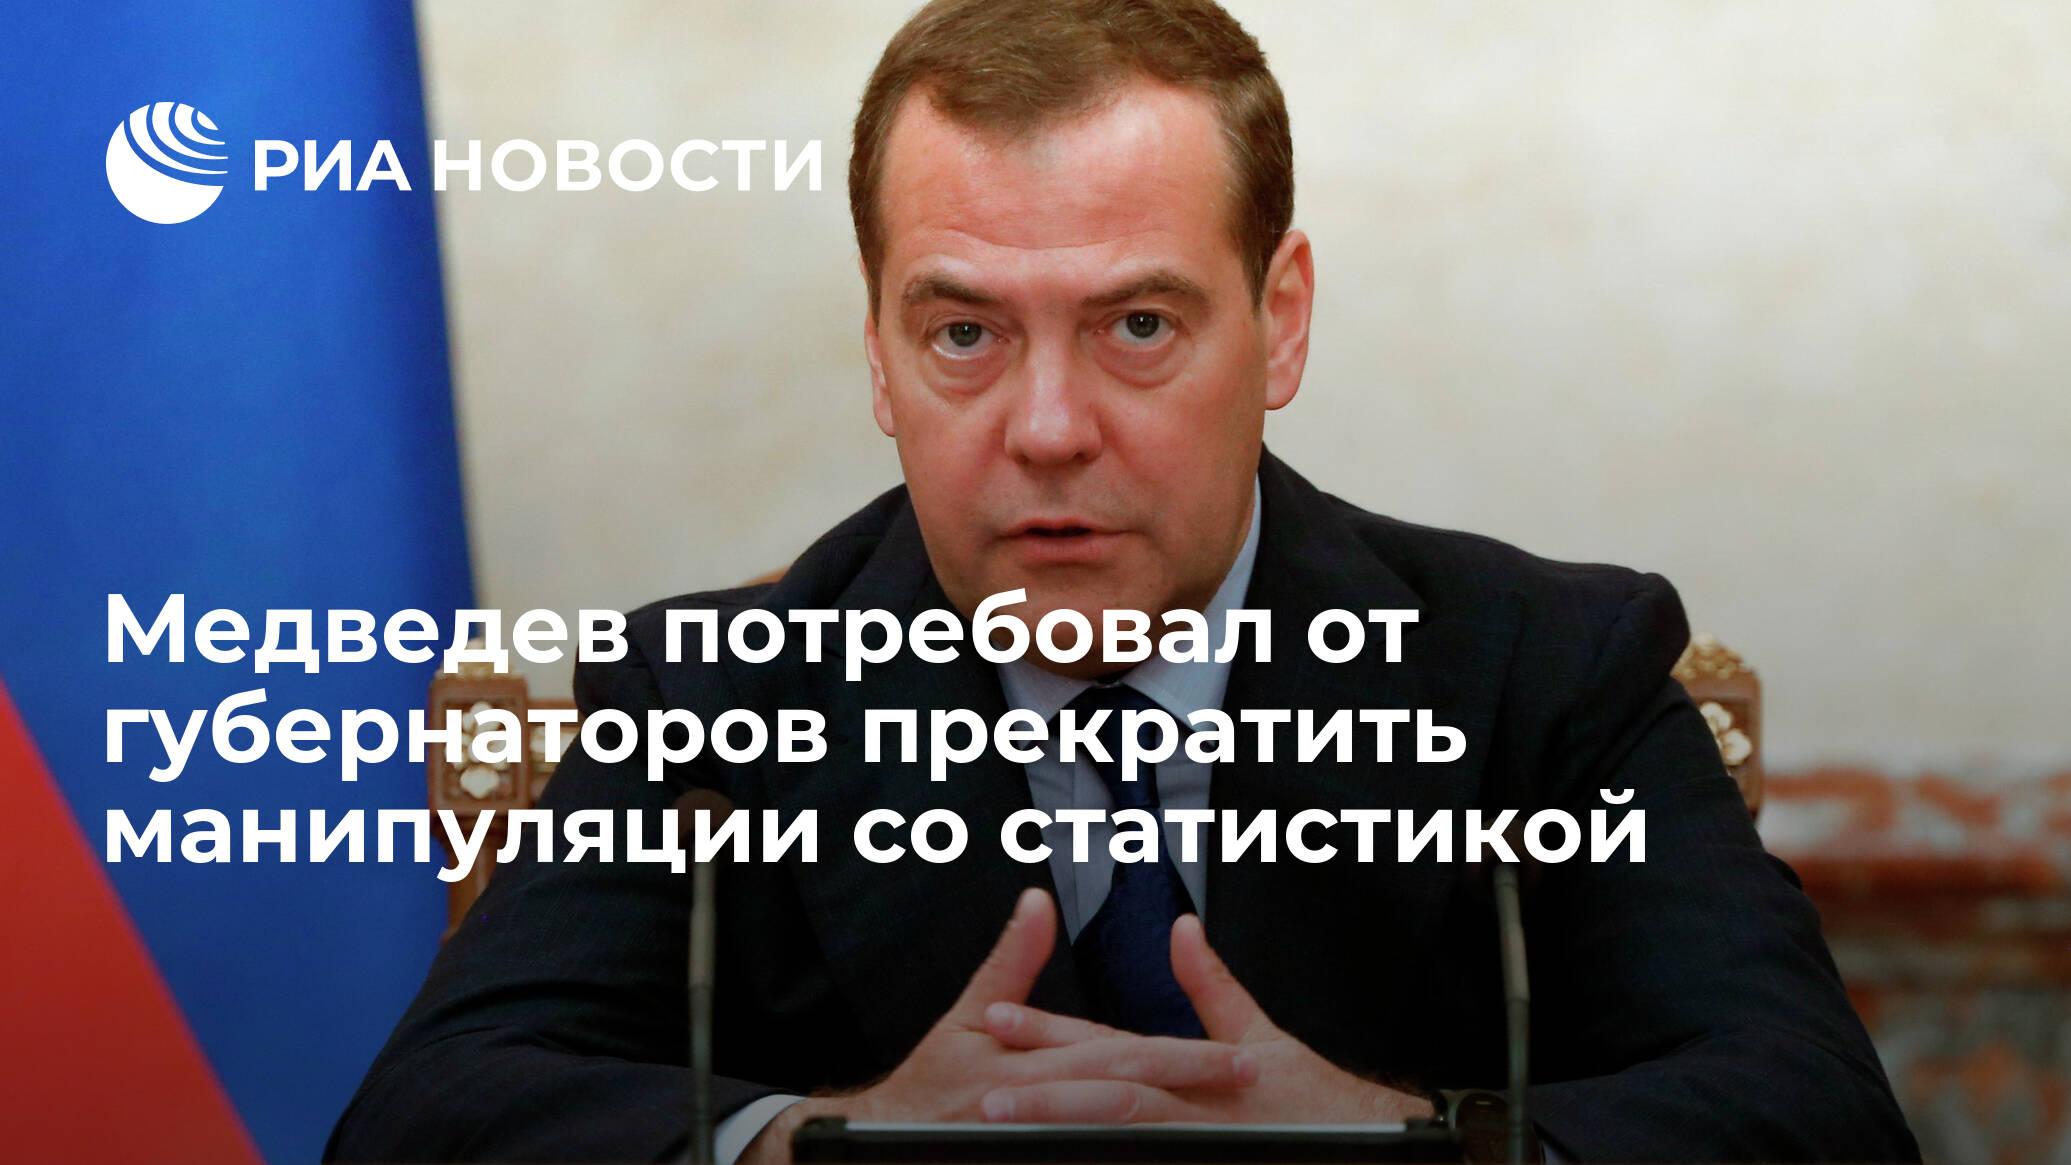 Медведев потребовал от губернаторов прекратить манипуляции со статистикой